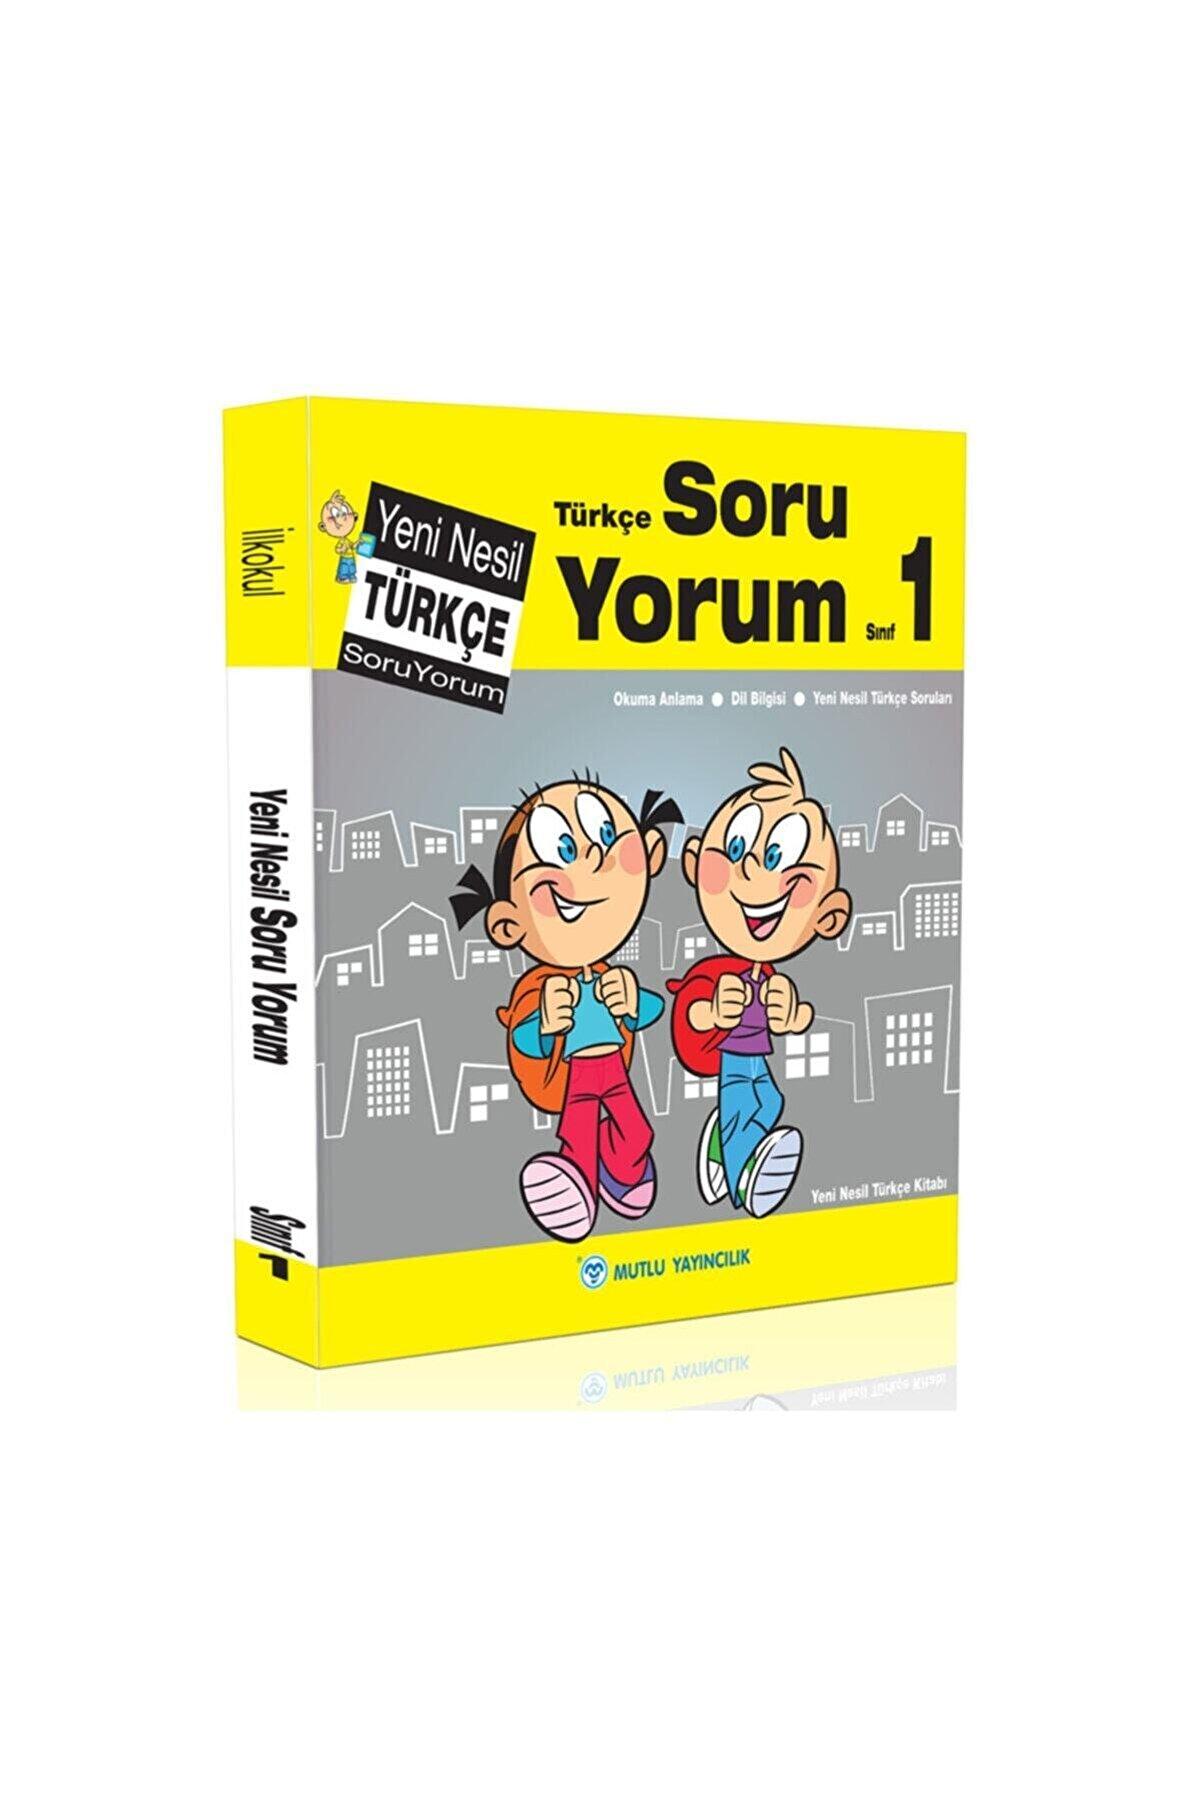 Mutlu Yayıncılık 1. Sınıf Türkçe Soru Yorum